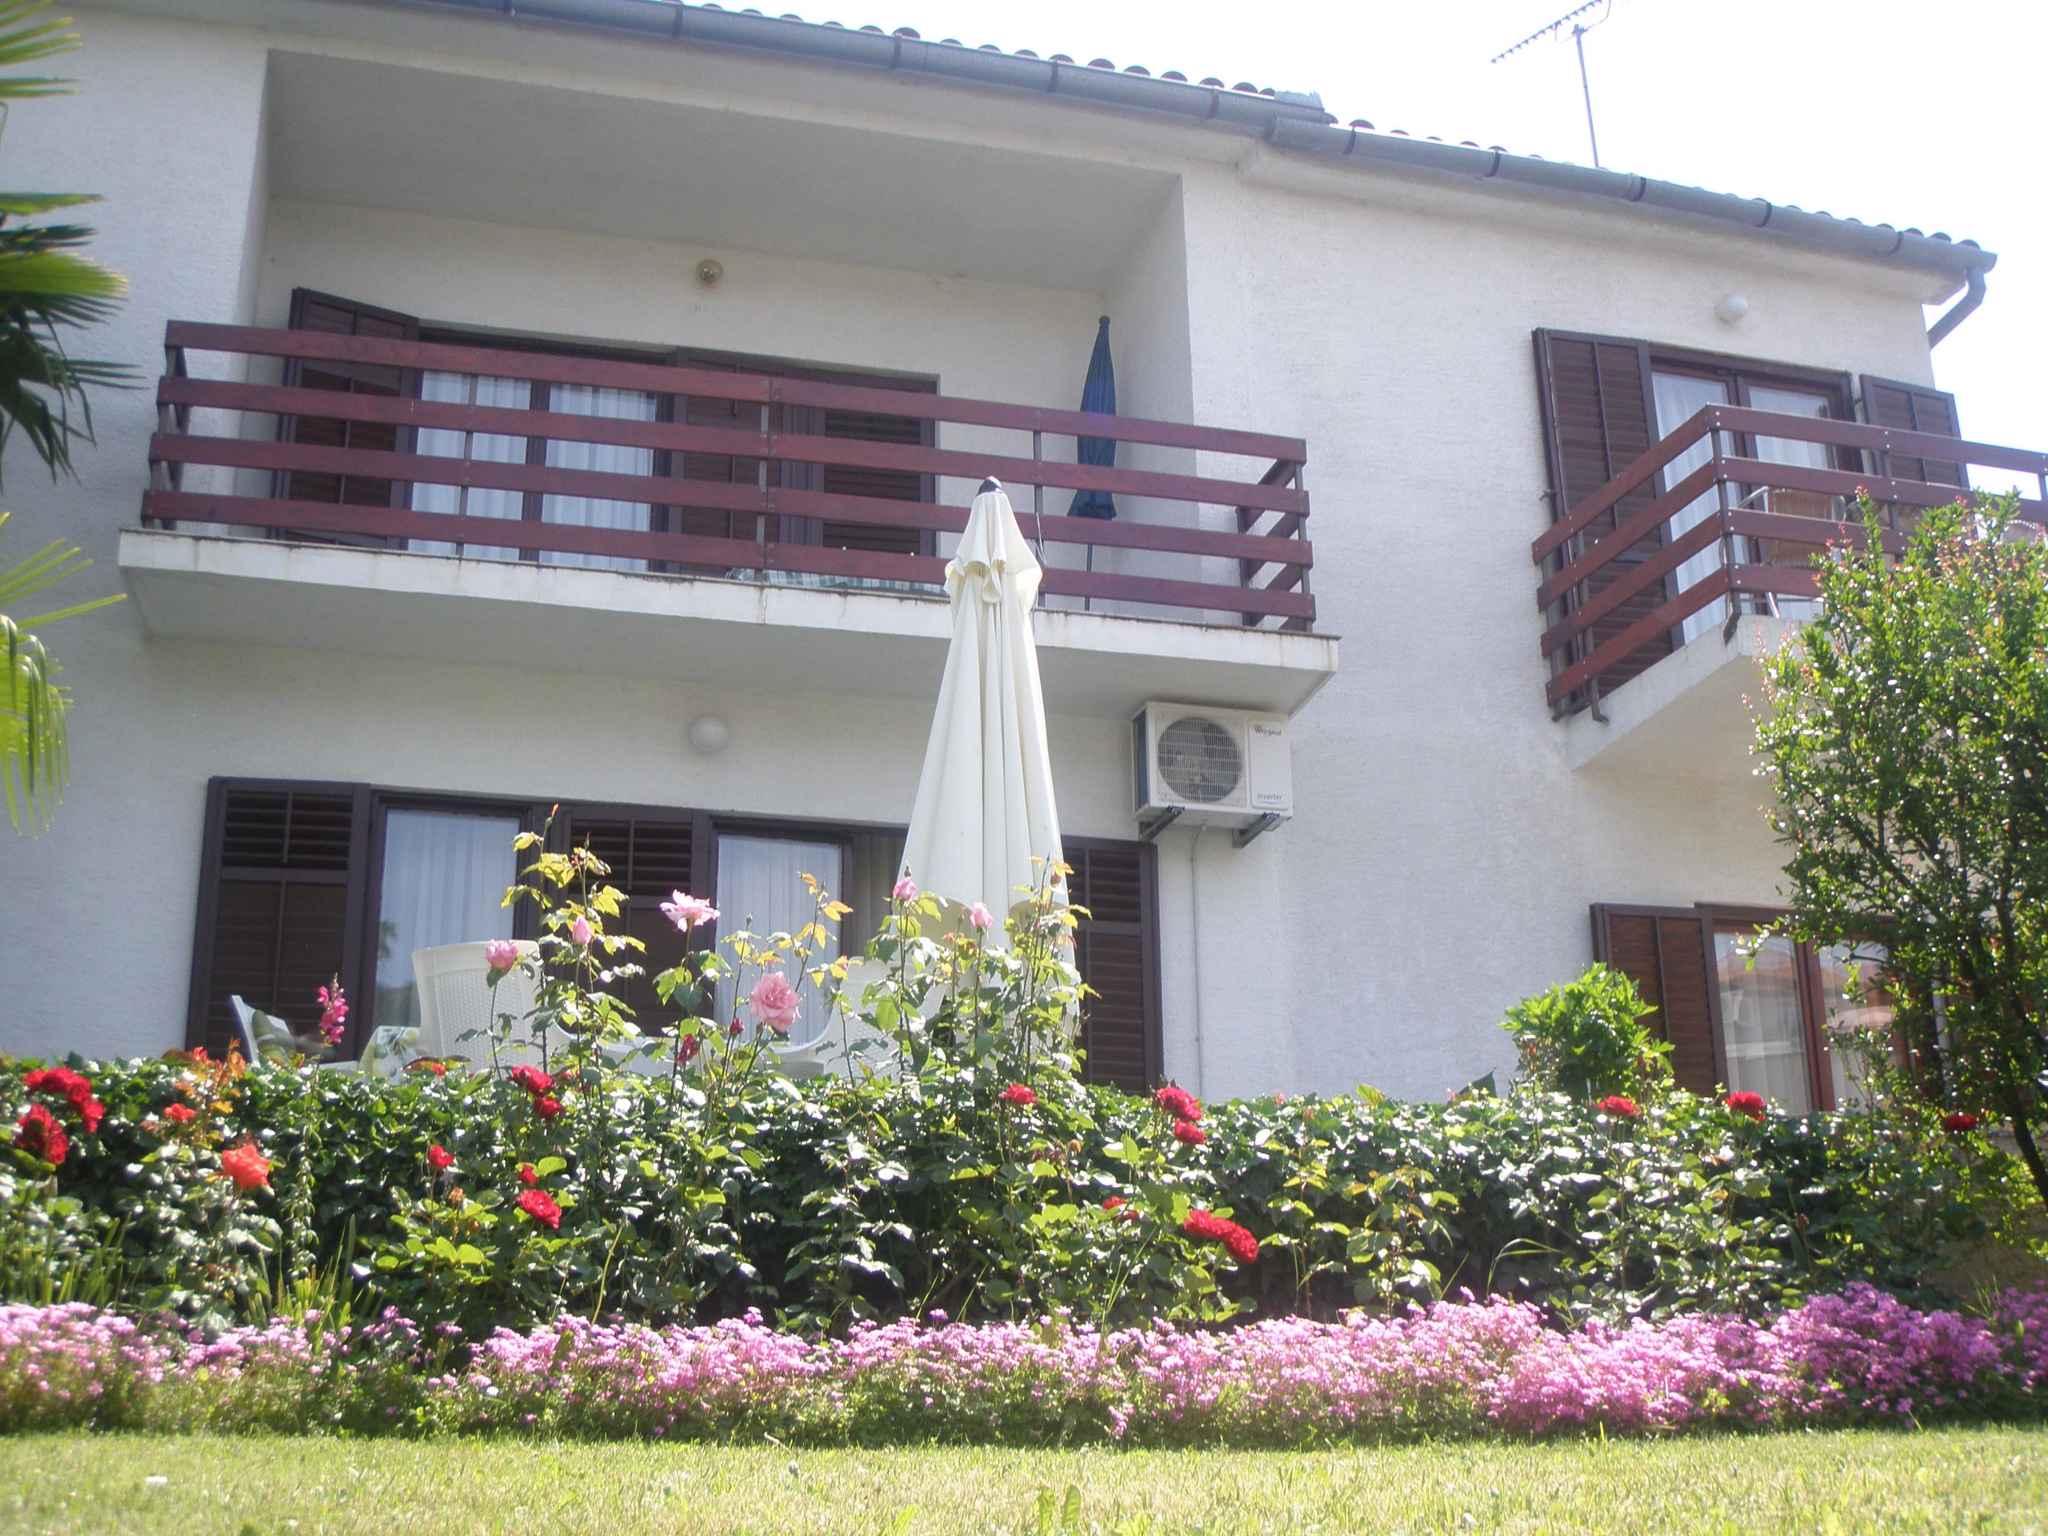 Ferienwohnung mit 2 Balkons (280344), Porec, , Istrien, Kroatien, Bild 1